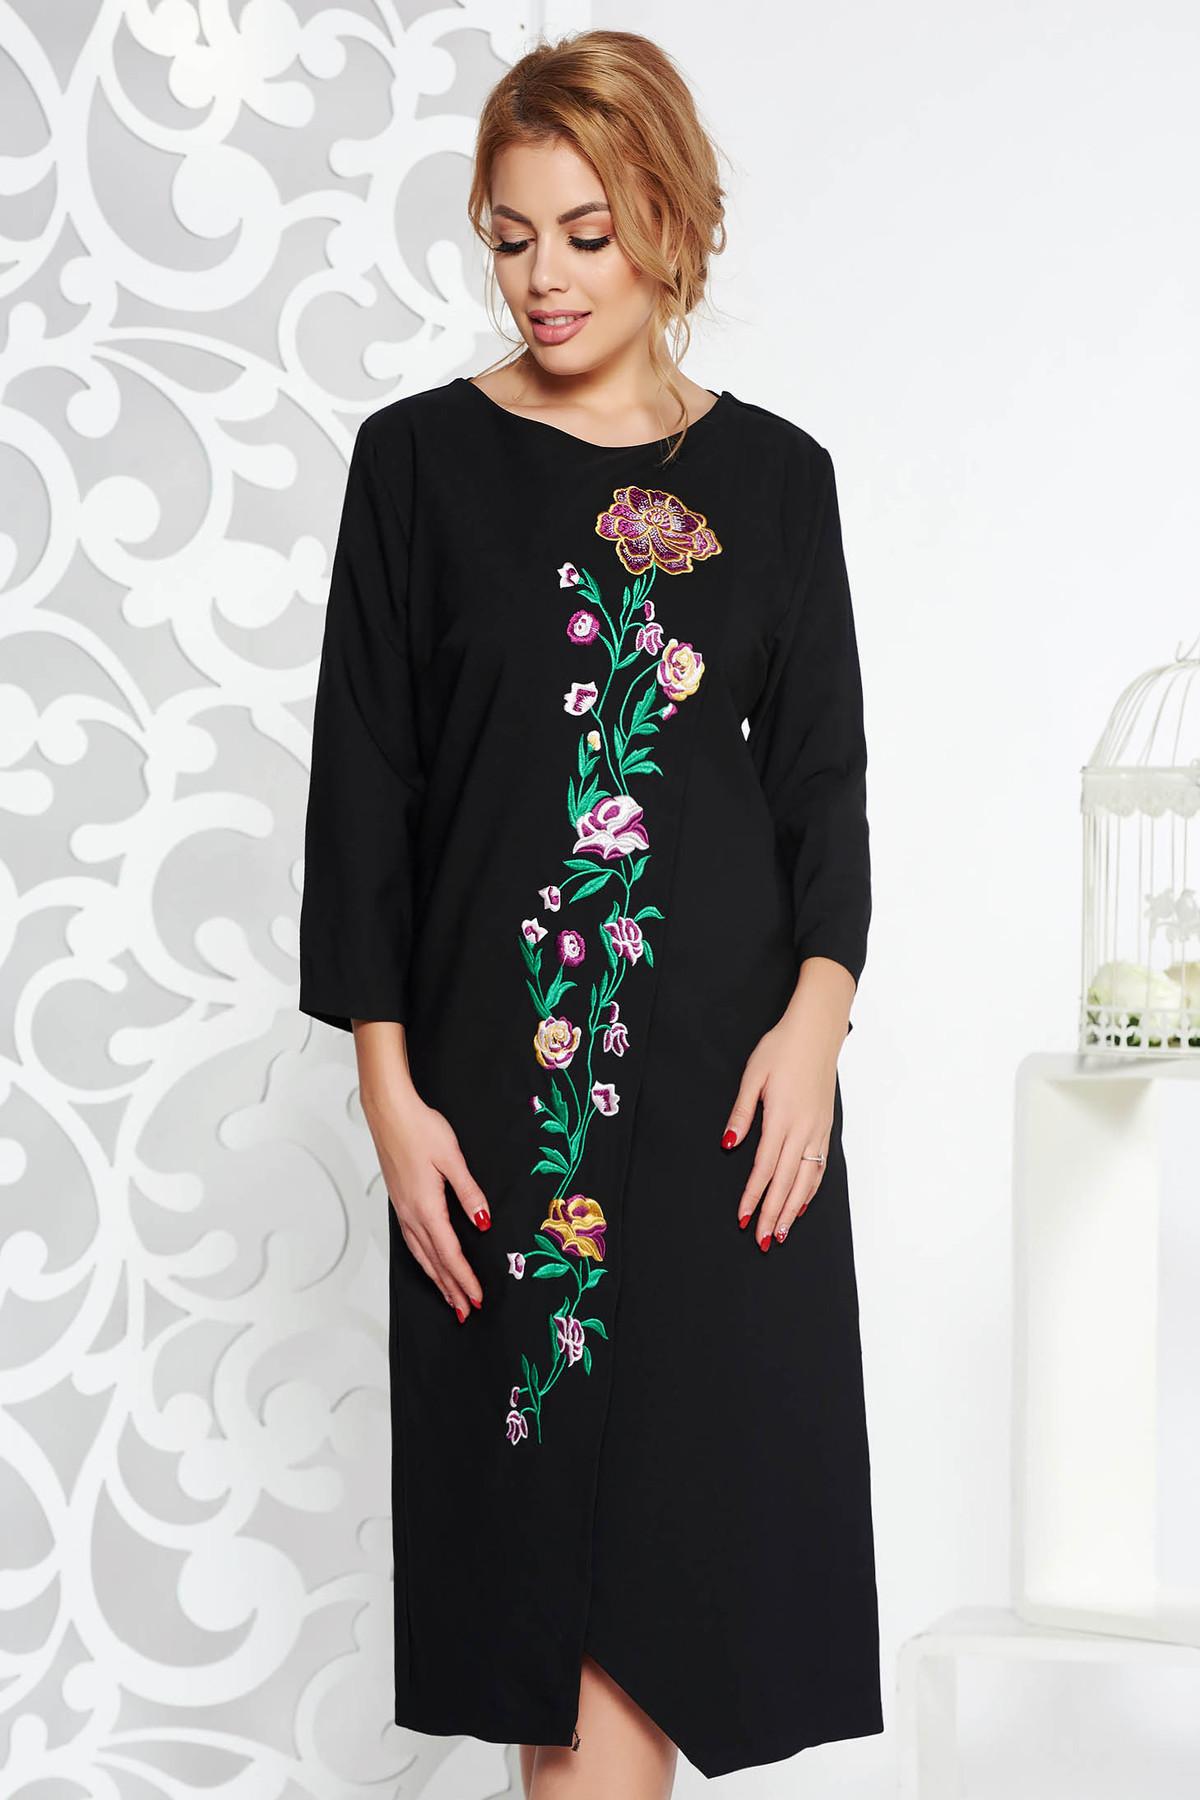 Rochie neagra eleganta cu croi larg din stofa usor elastica cu insertii de broderie